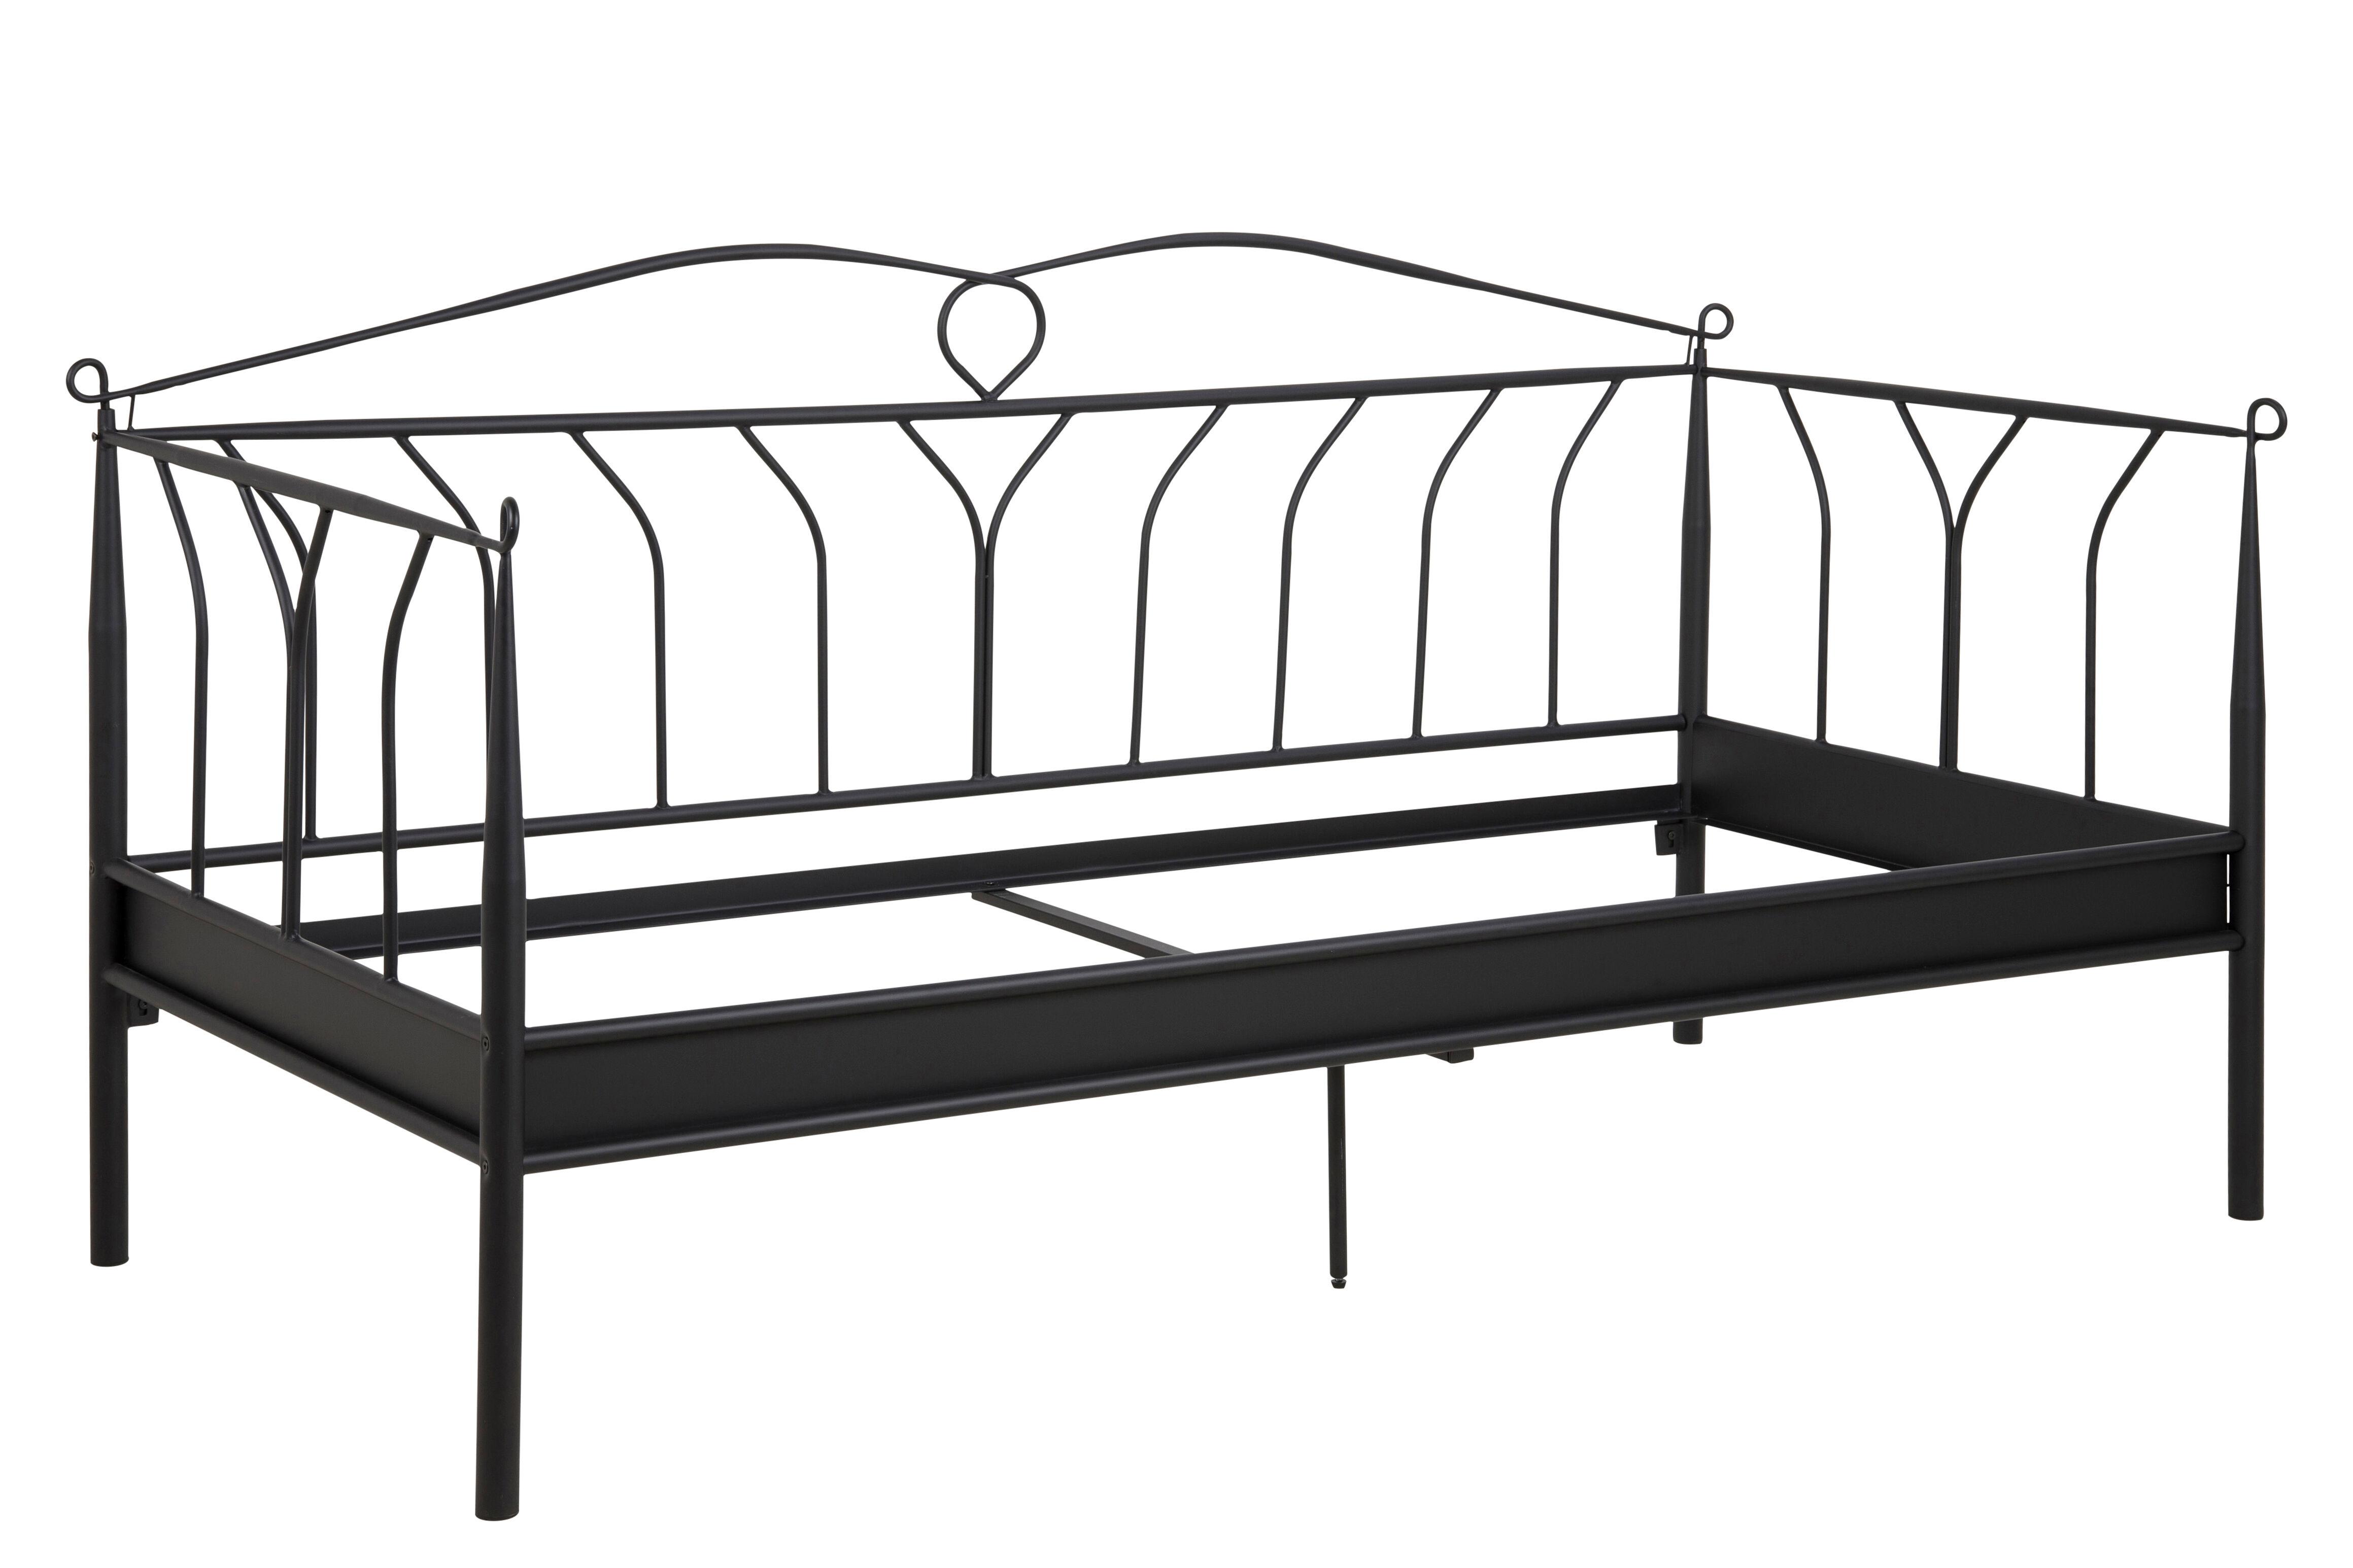 Linax seng 90x200 cm, svart.